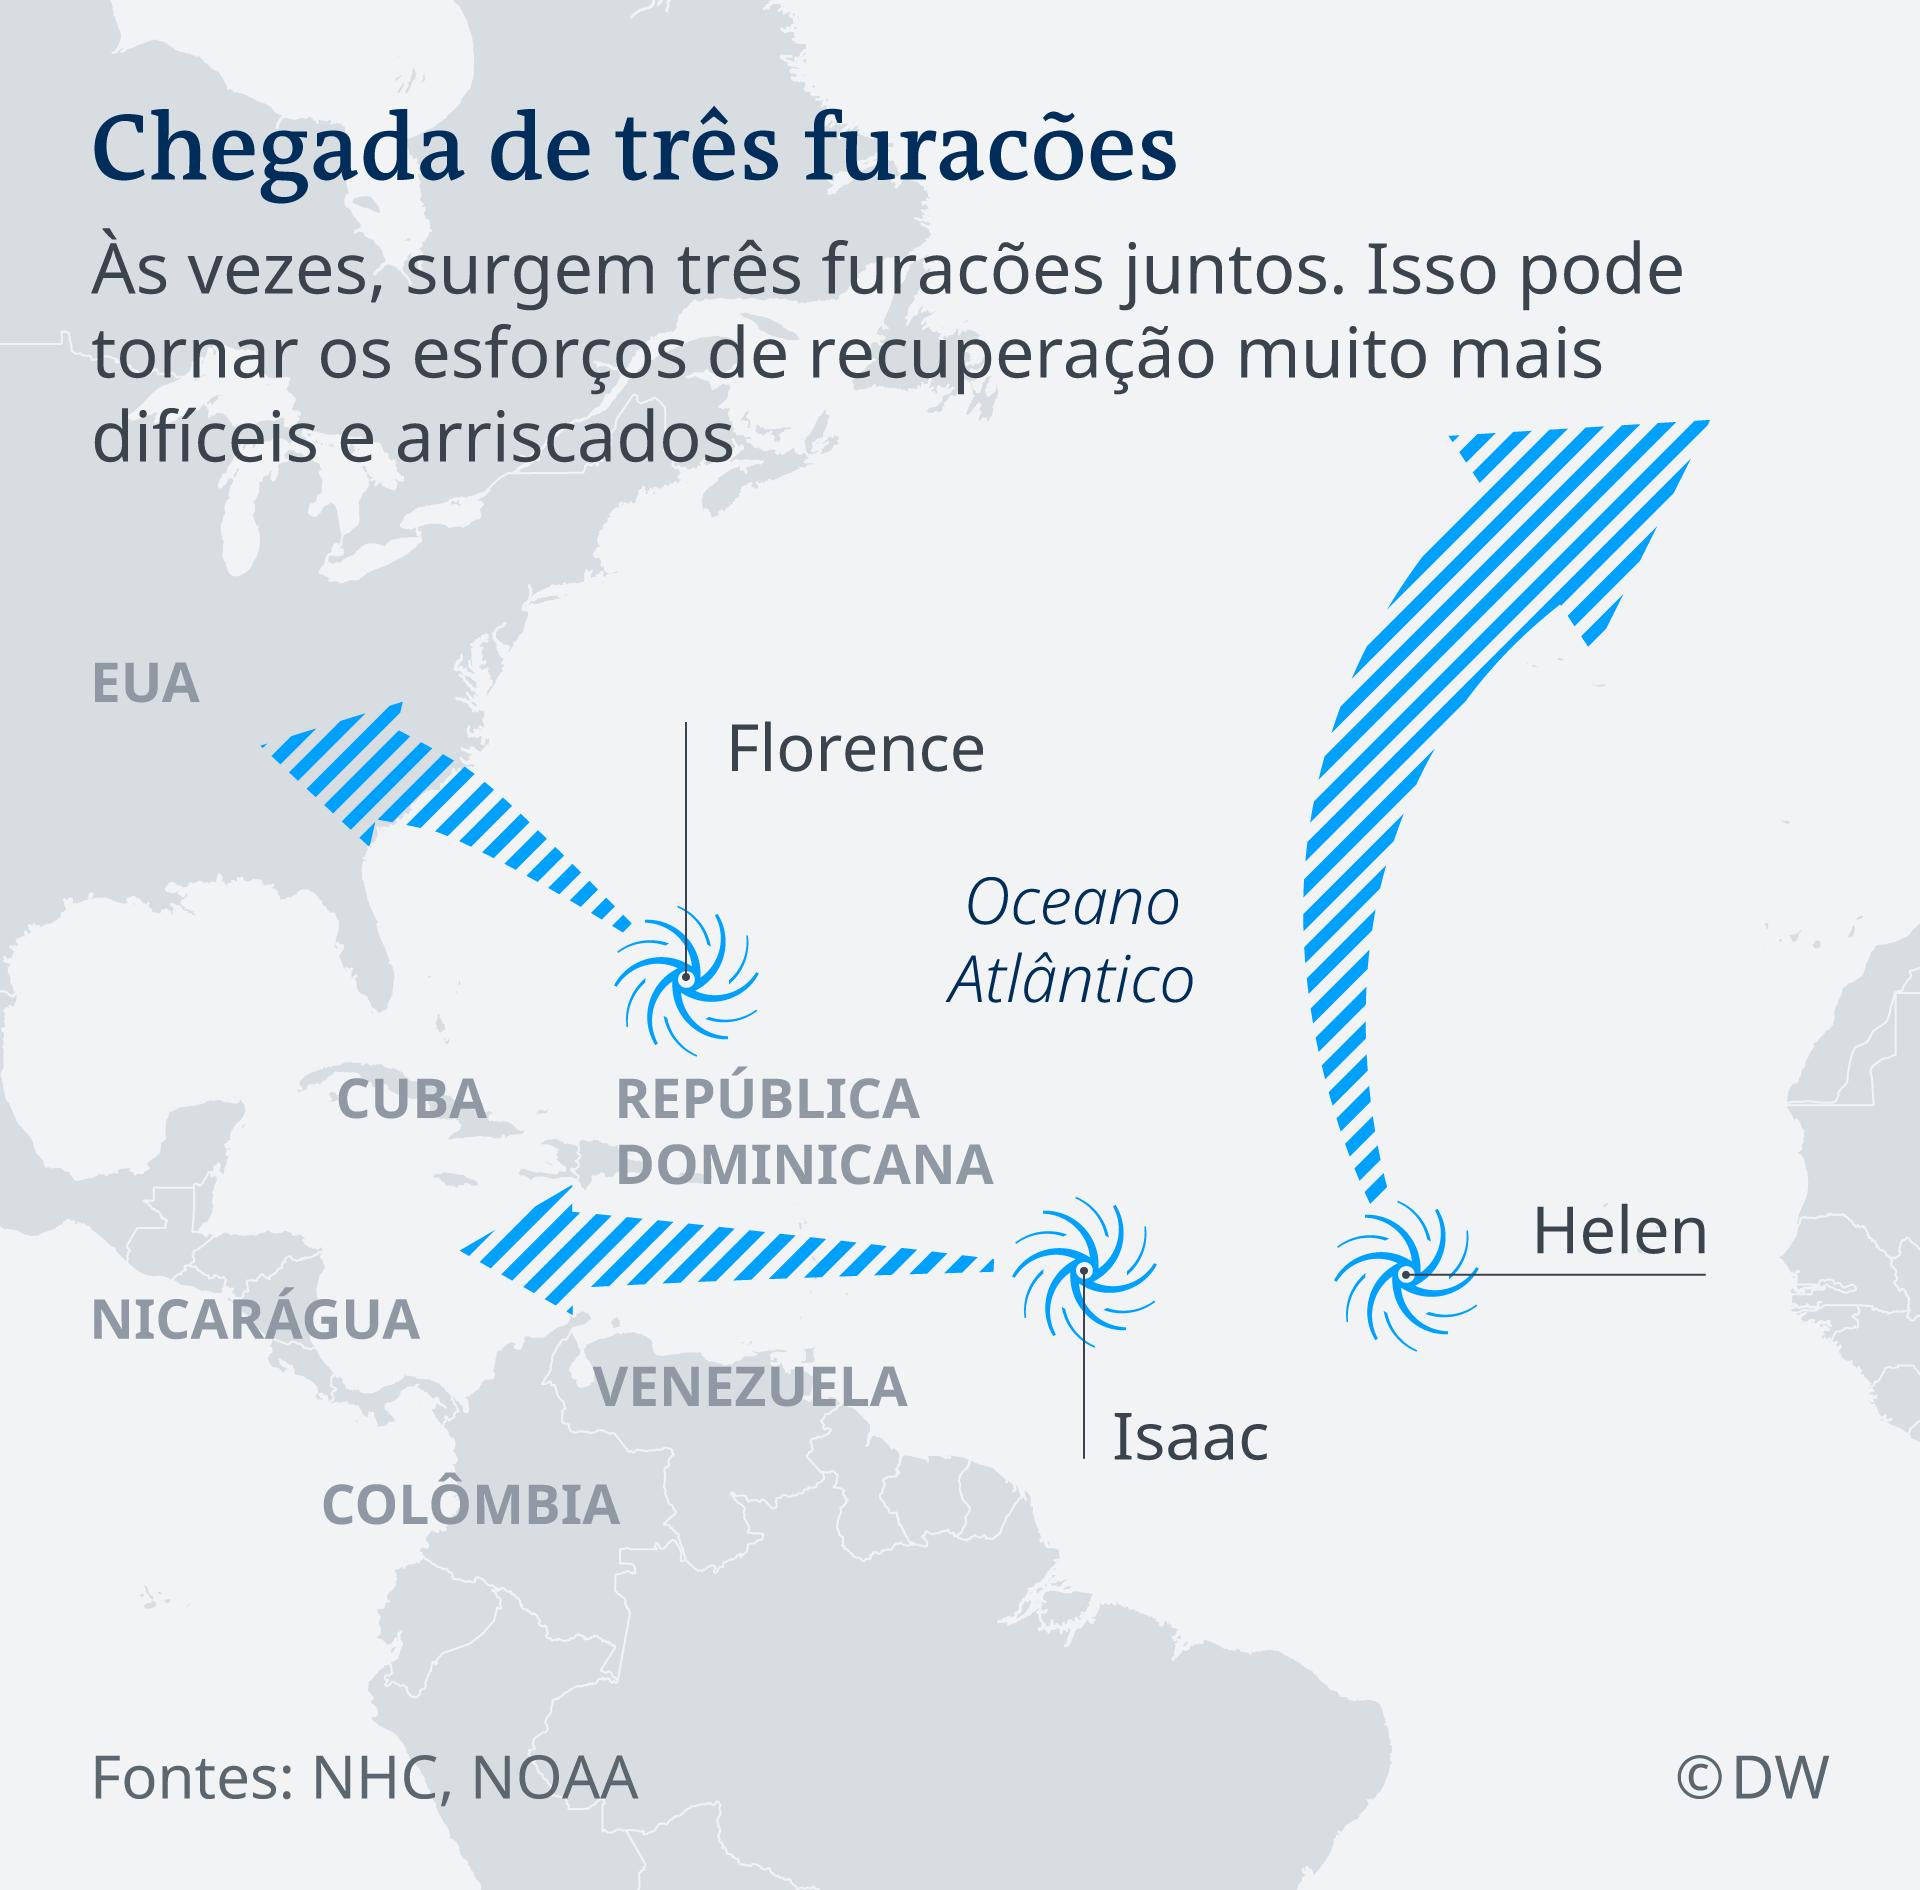 Às vezes, surgem três furacões juntos, que tornam os esforços de recuperação mais difíceis e arriscados. Além do furacão Florence, que caminha em direção aos Estados Unidos, infográfico mostra, em azul sob fundo cinza, o furacão Isaac, que ruma para a Nicarágua, em direção oeste, e o Helen, que está se formando no Oceano Atlântico, numa linha horizontal cujo ponto de referência é o Senegal.